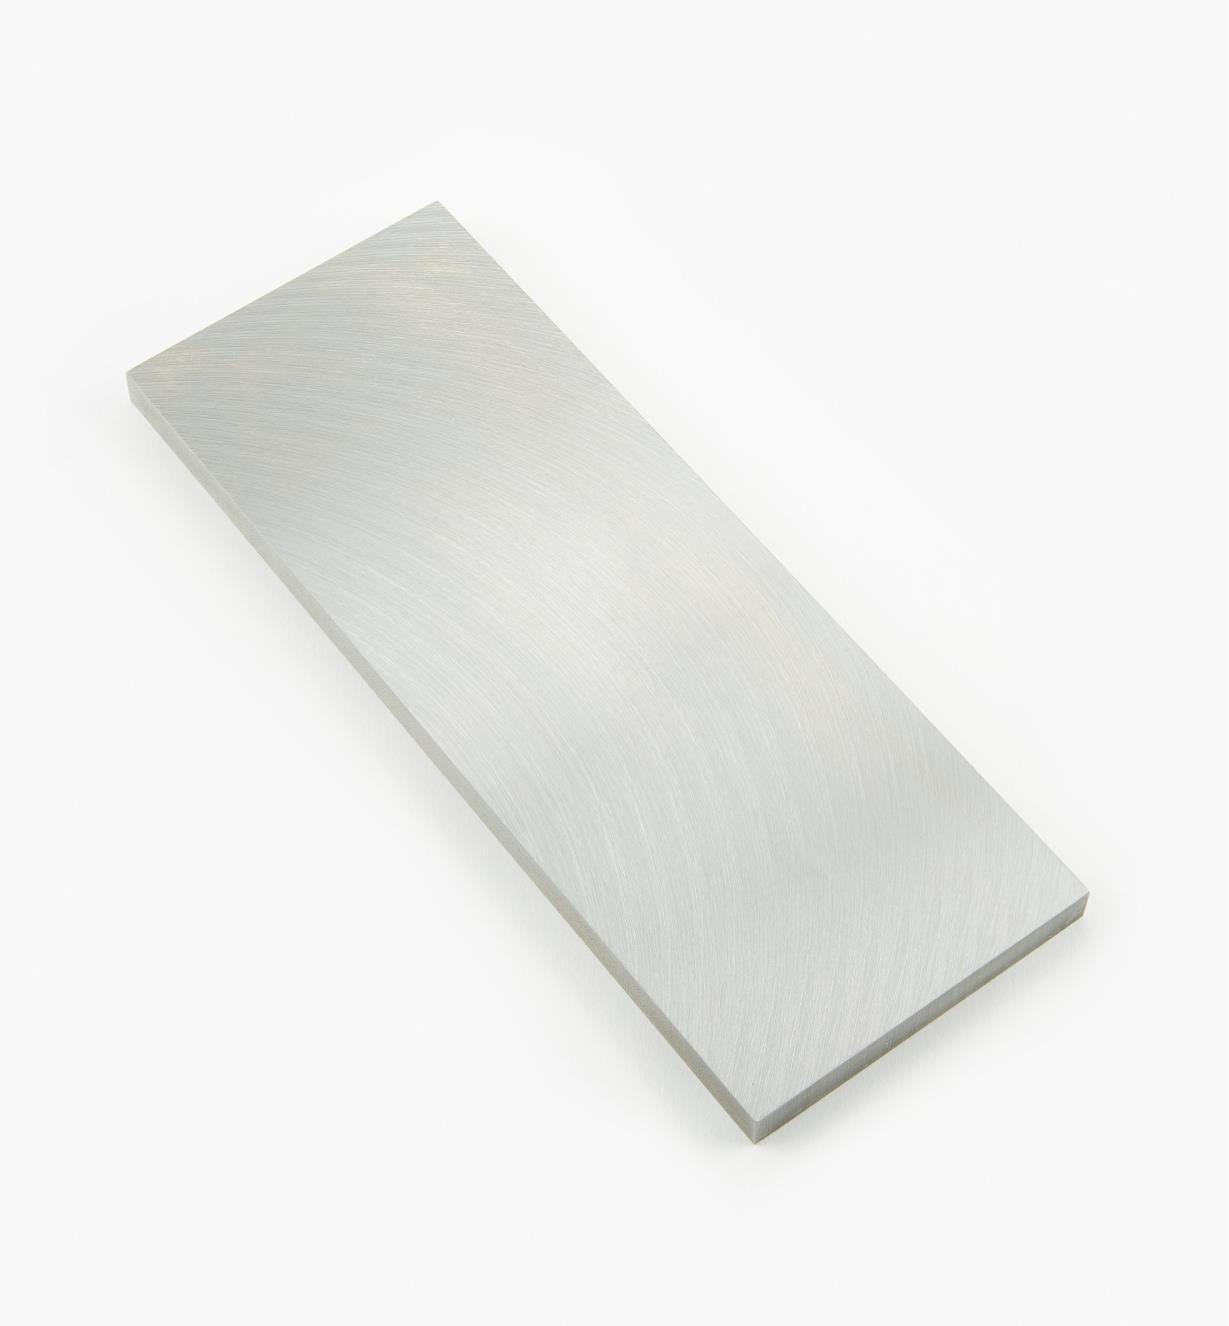 05M4001 - Veritas Steel Honing Plate, each